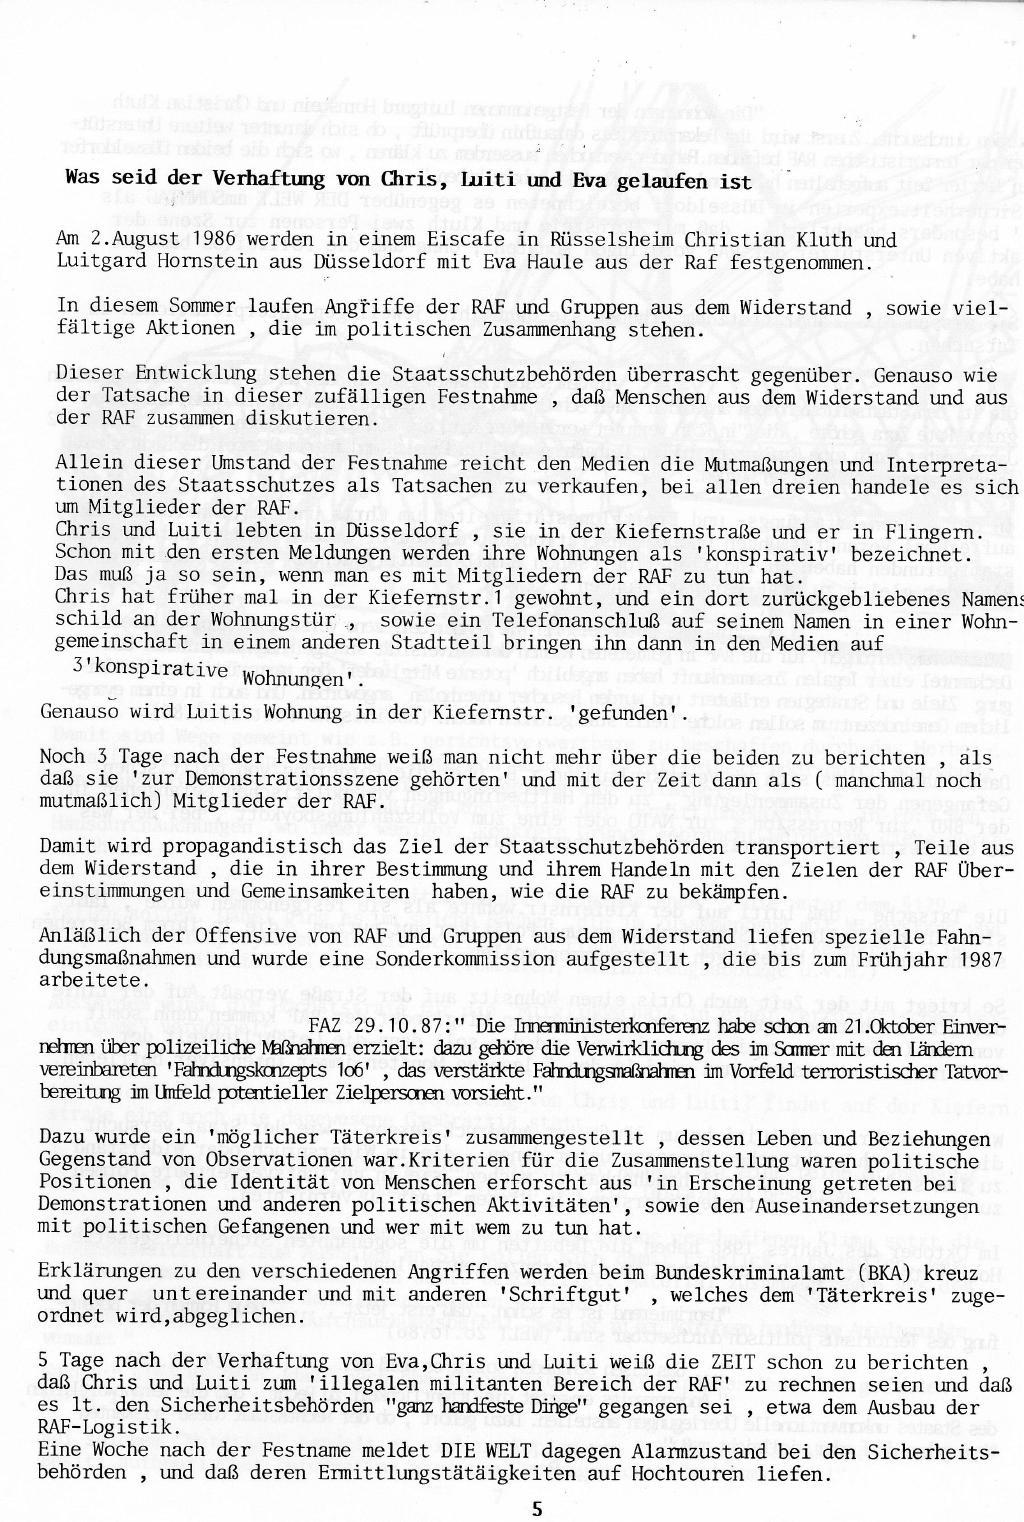 Duesseldorf_1989_Sechs_Politische_Gefangene_005